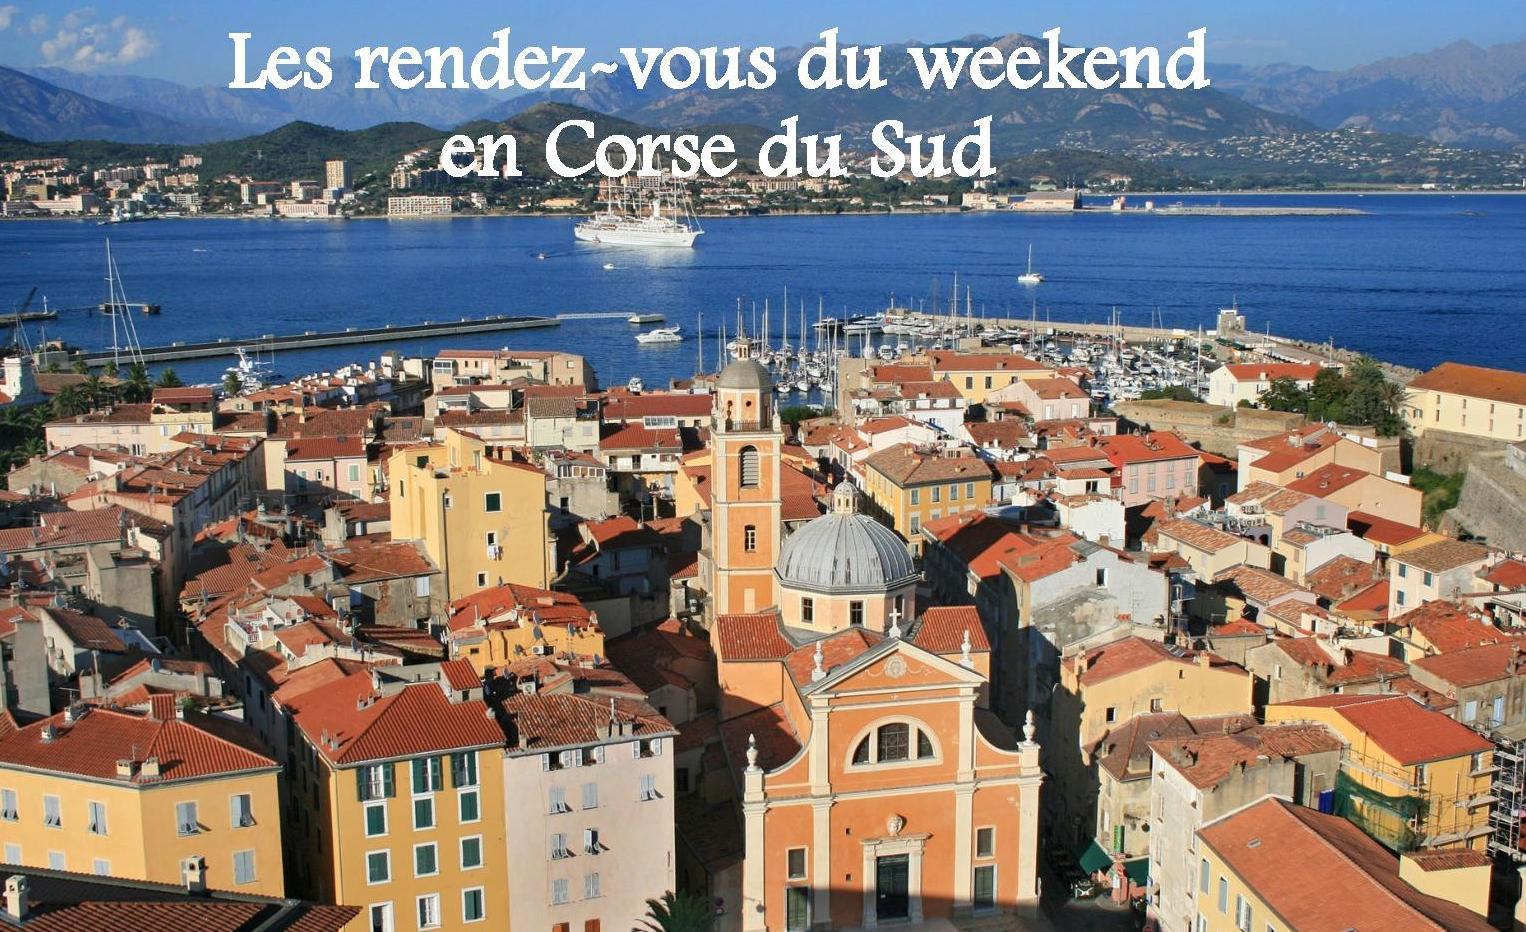 5 bonnes raisons pour aimer le week-end : Nos idées de sortie en Corse du Sud